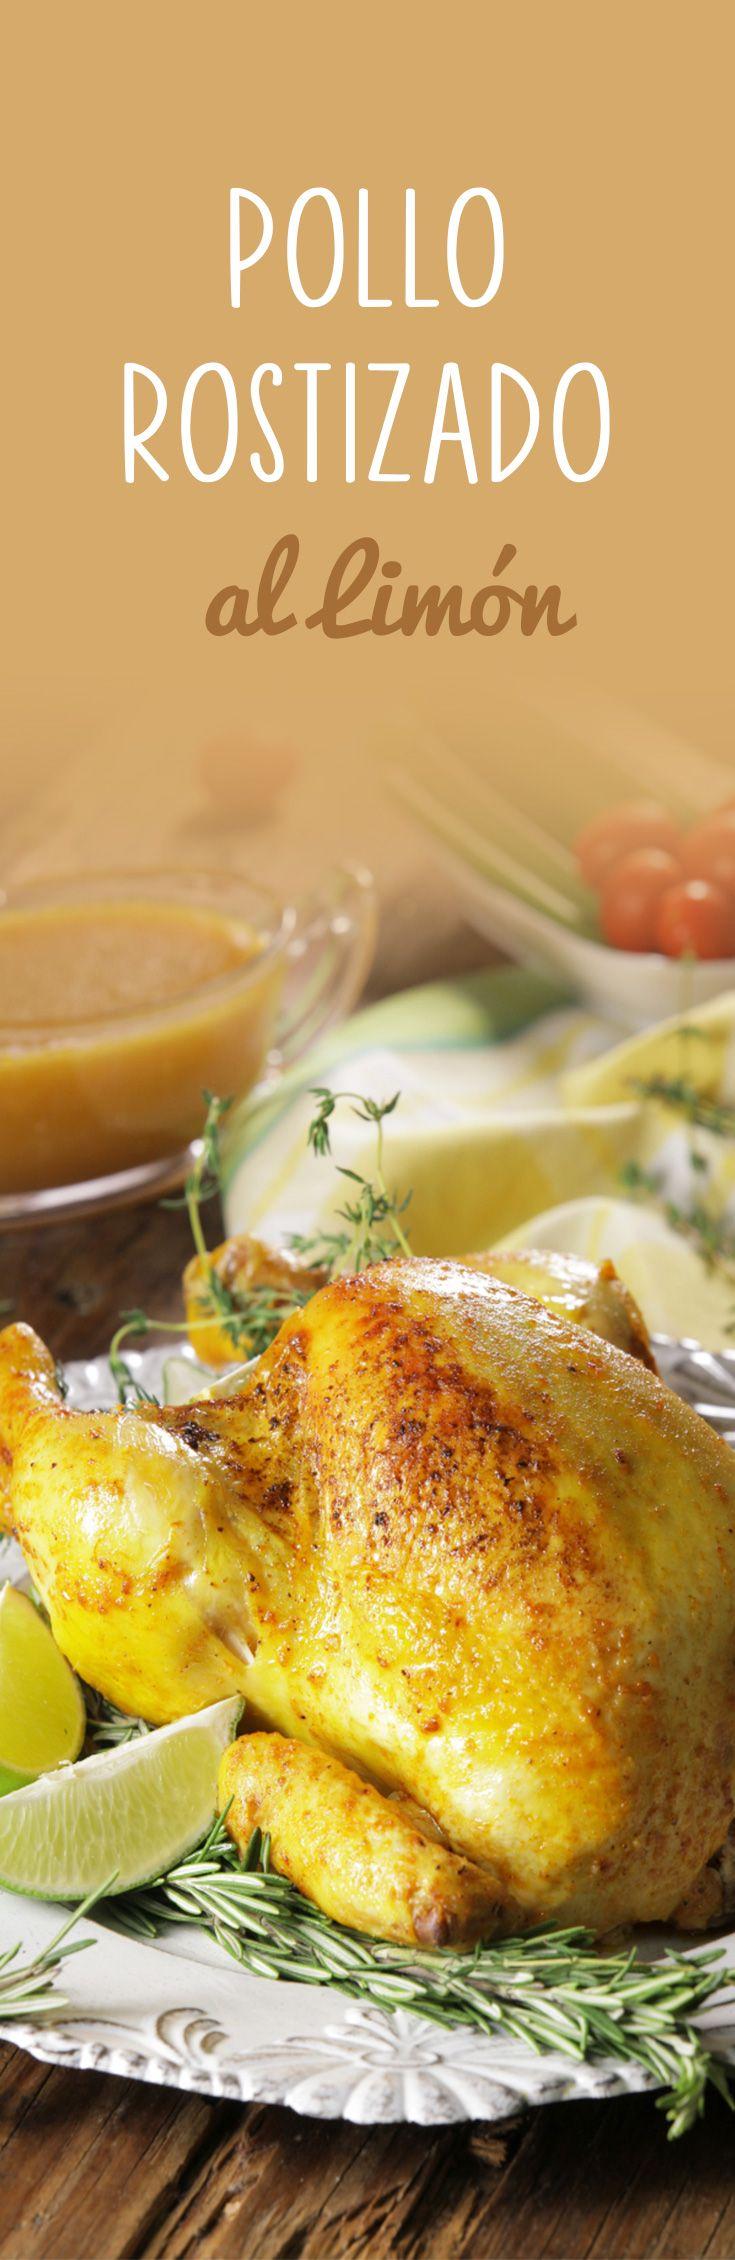 Delicioso pollo rostizado marinado en una salsa de limón y rostizado a fuego lento hasta que quede dorado. Fácil y espectacularmente jugoso. Acompaña con puré de papa.